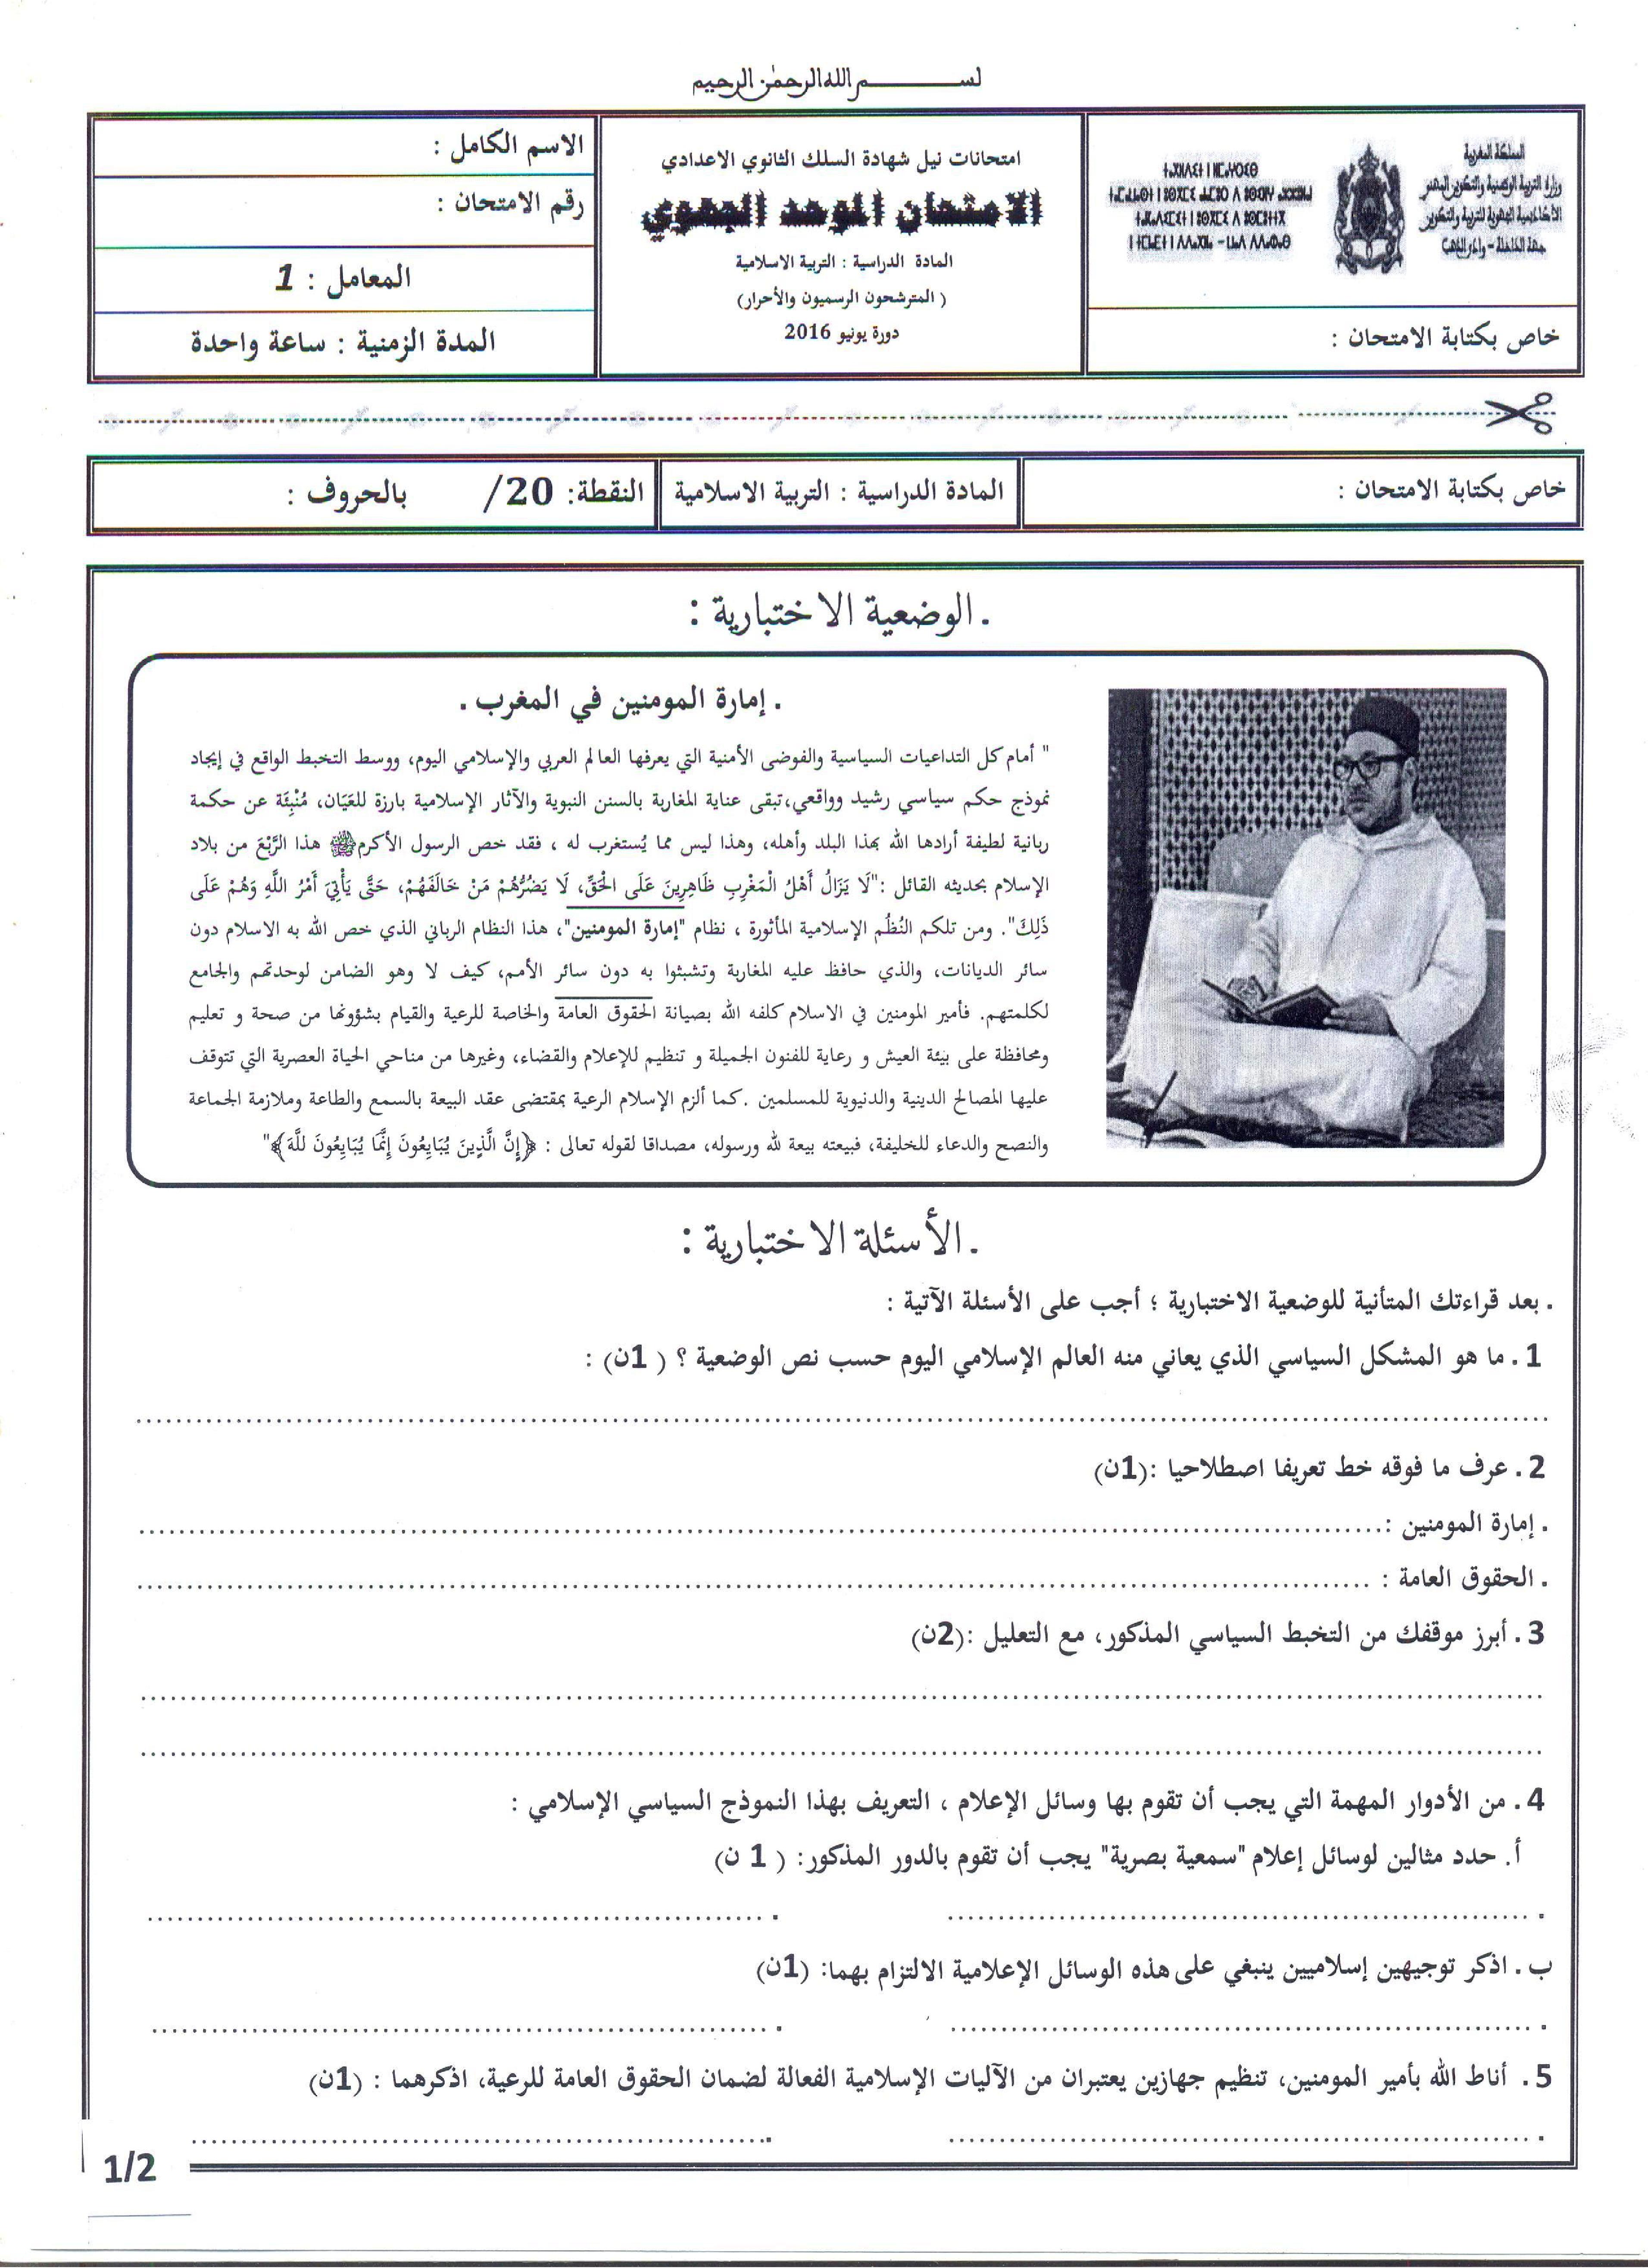 الإمتحان الجهوي في التربية الإسلامية للسنة الثالثة اعدادي 2016 مع التصحيح